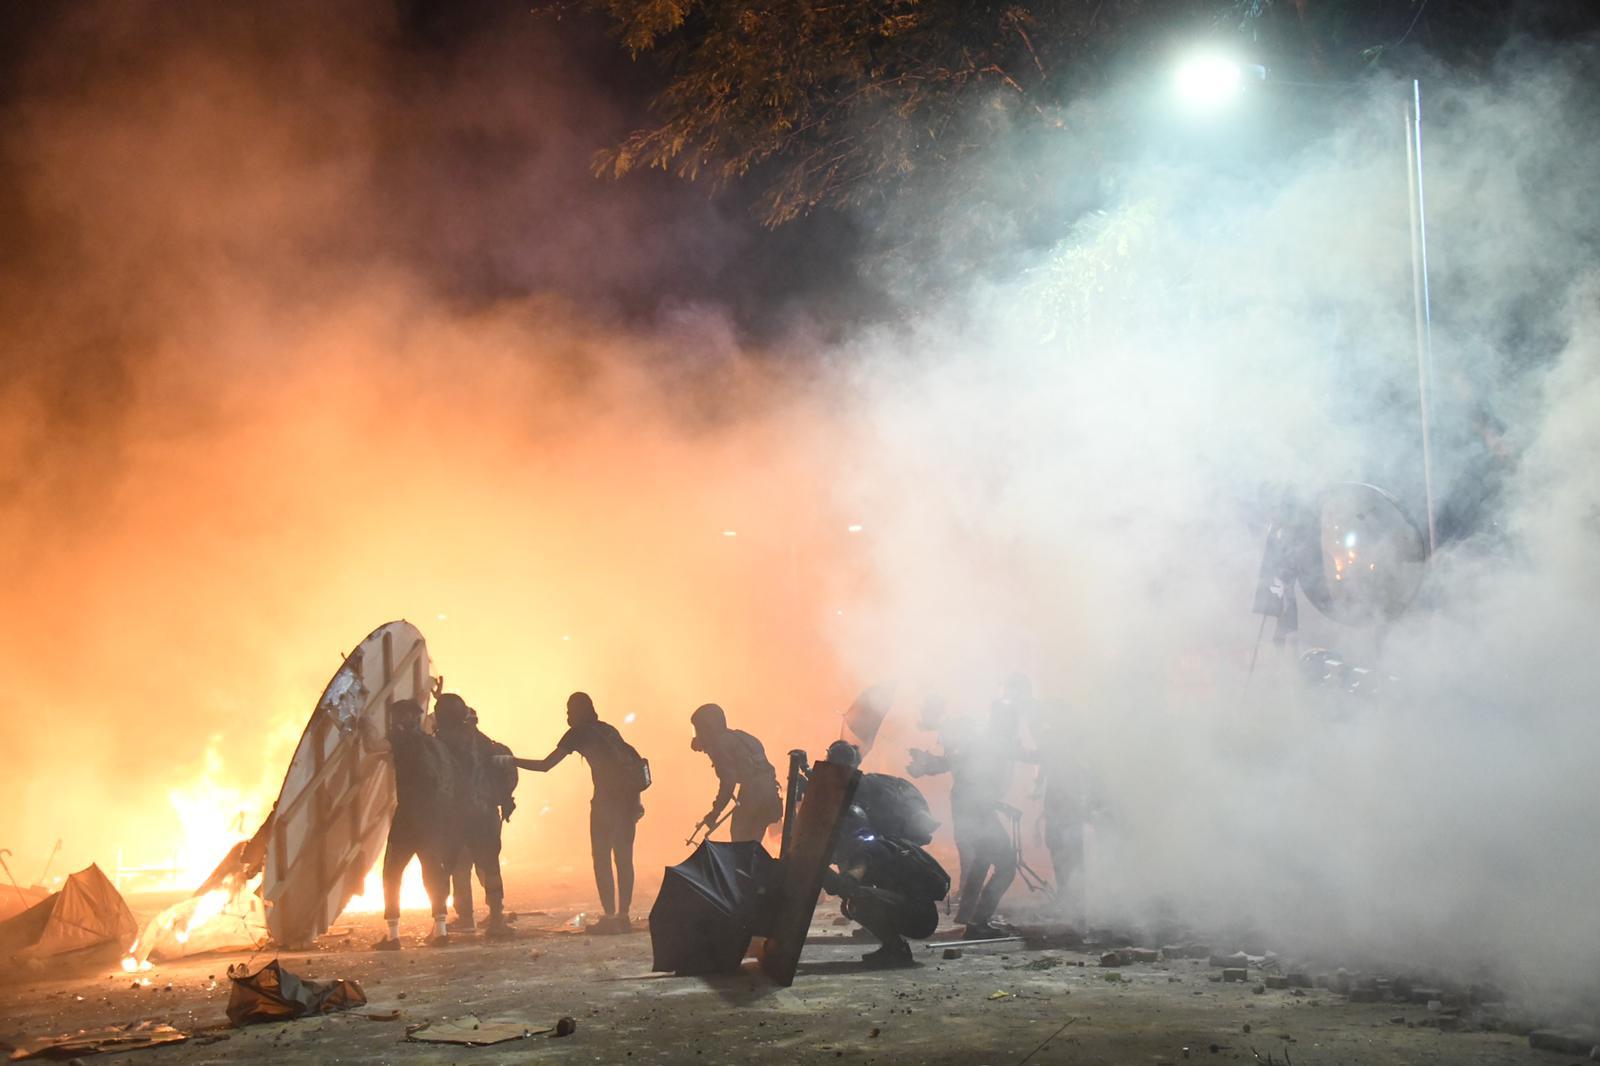 防暴警中大射橡胶子弹催泪弹多人伤 有学生疑头部中弹倒地昏迷